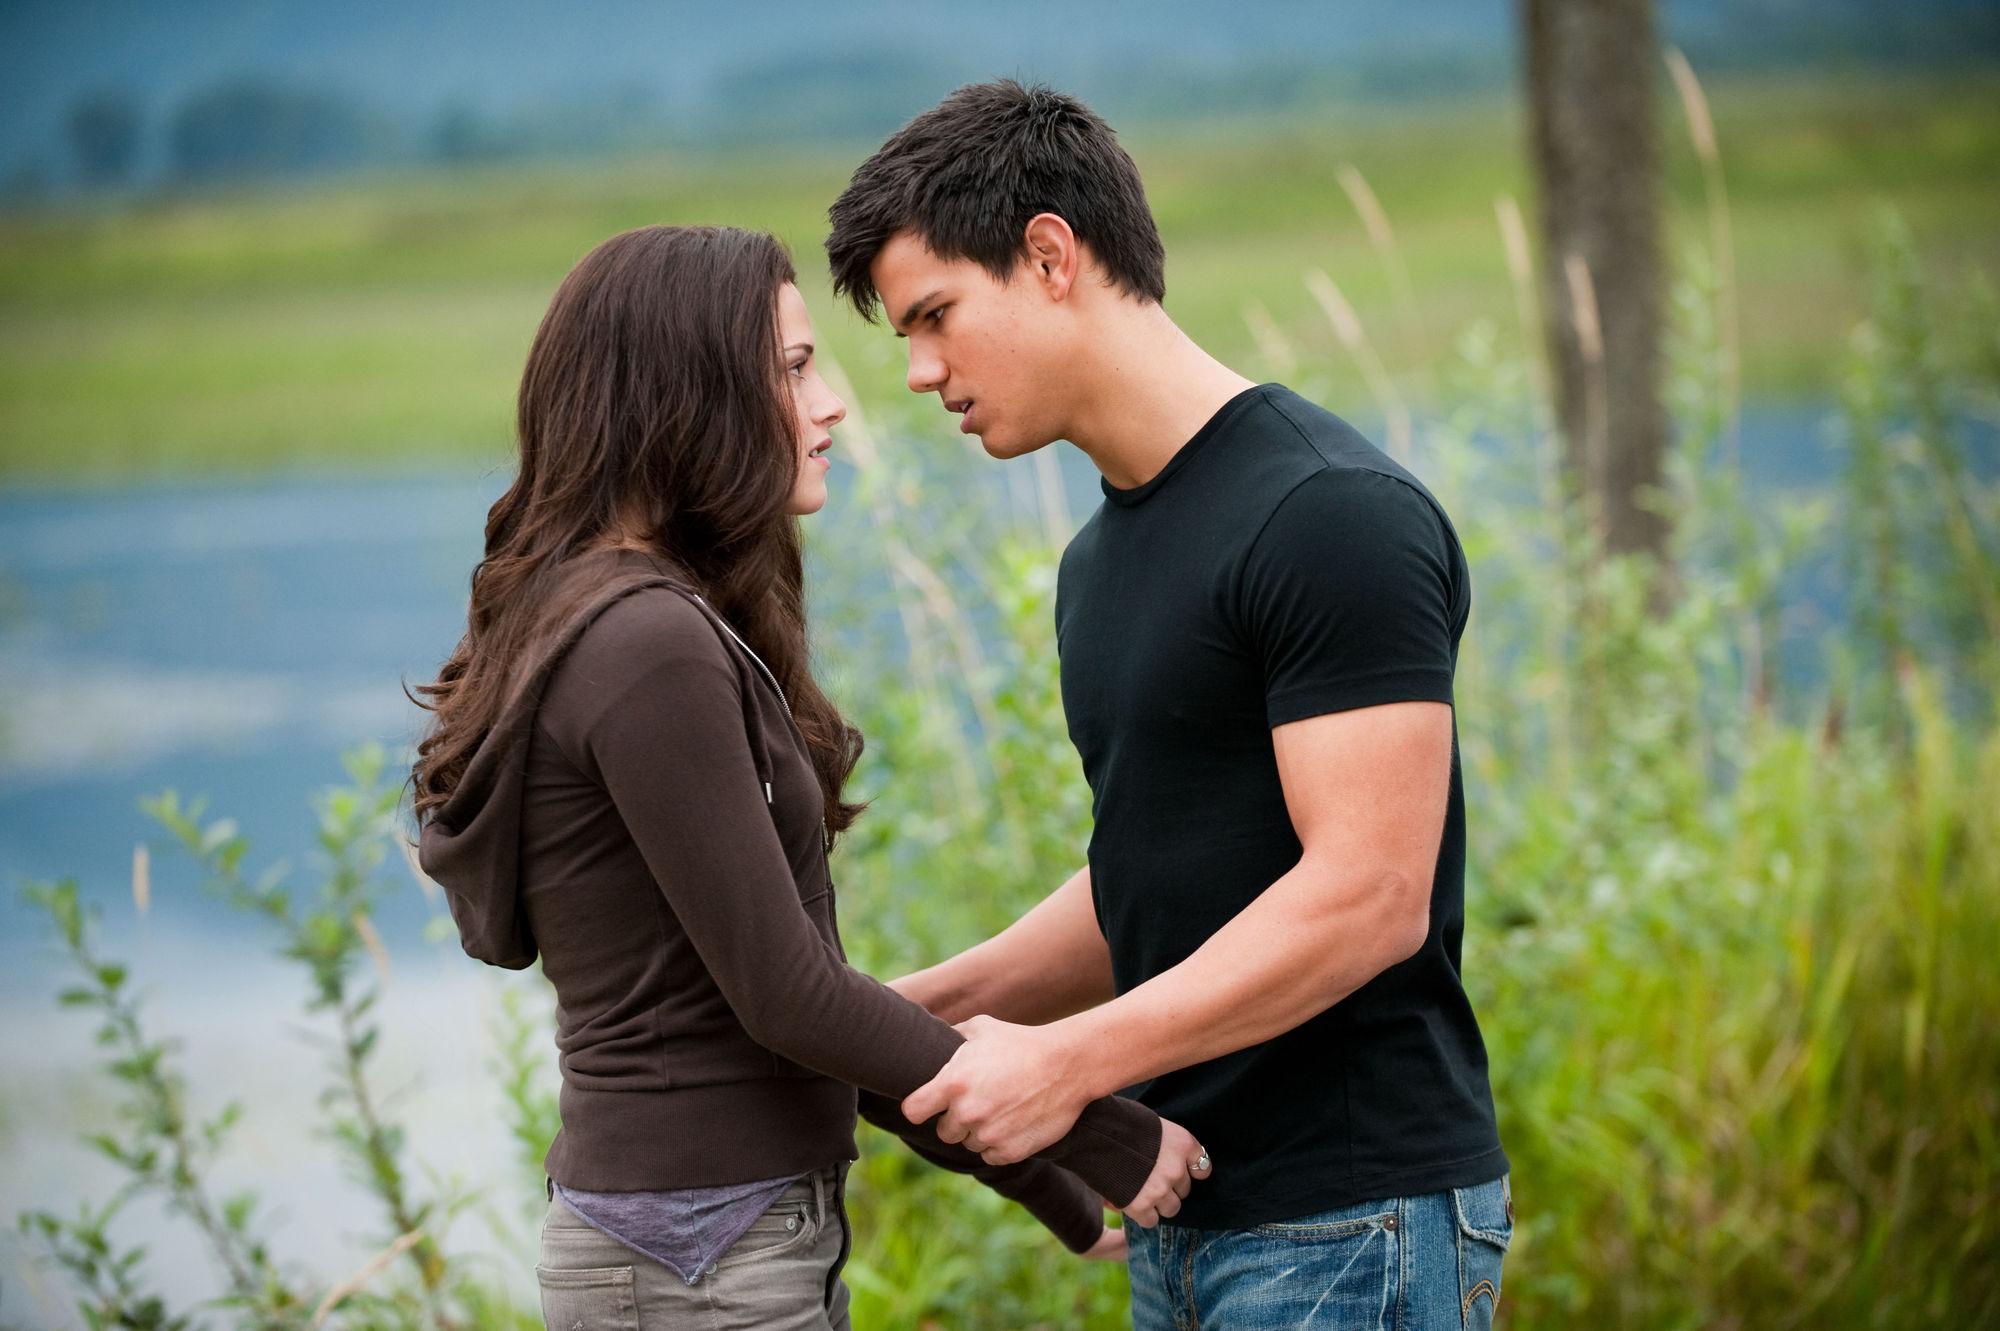 Tình yêu cần phải hy sinh, bởi ích kỷ sẽ không thể có được tình yêu lâu dài